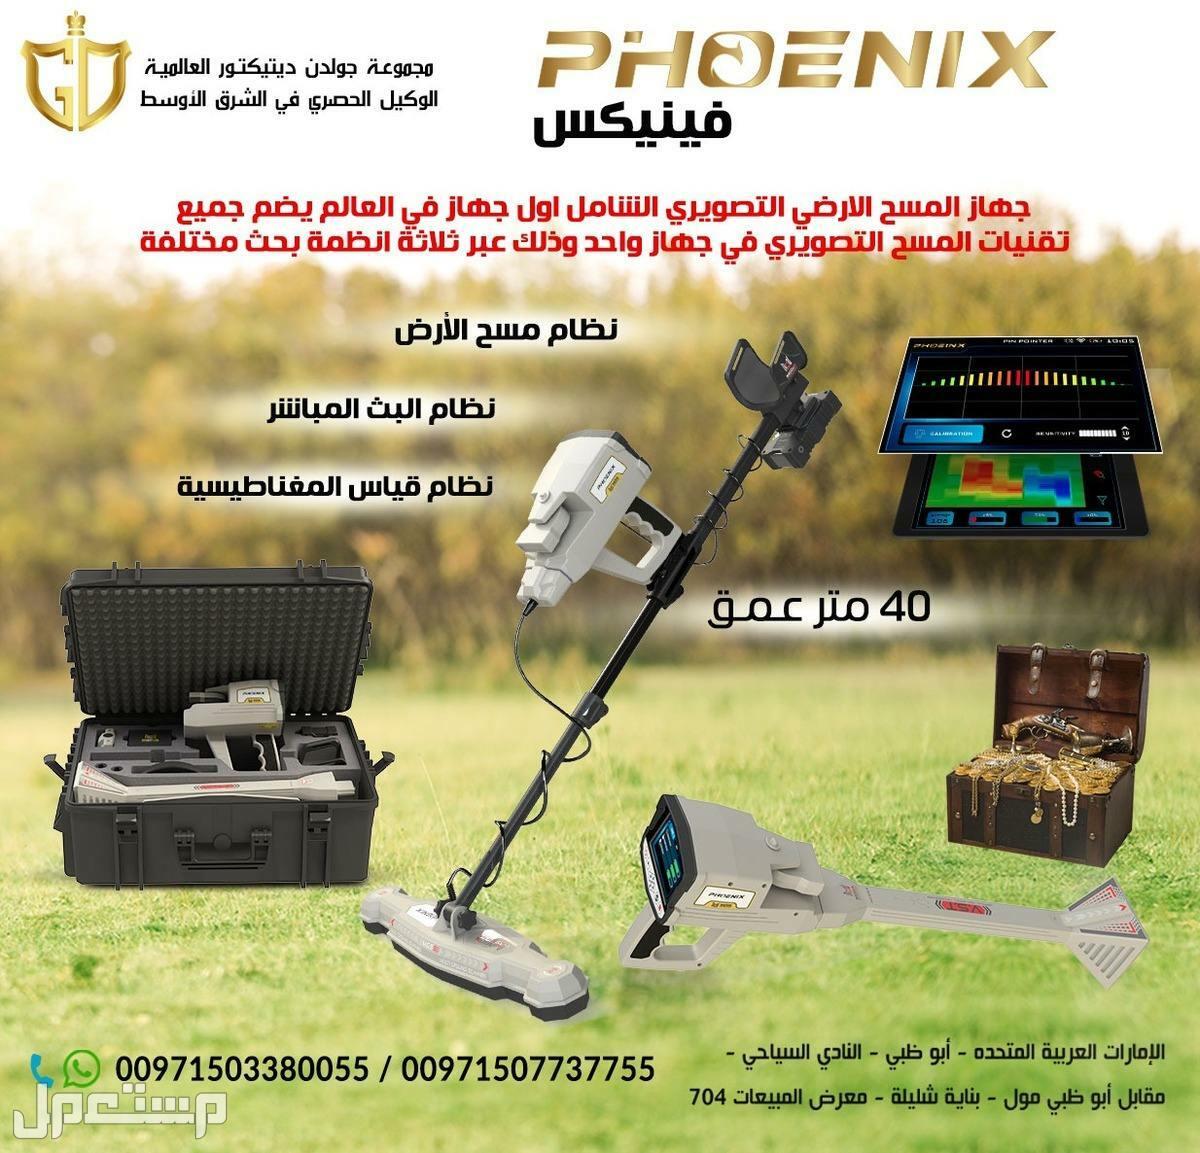 فينيكس Phoenix | جهاز كشف الذهب والمعادن التصويري ثلاثي الأبعاد